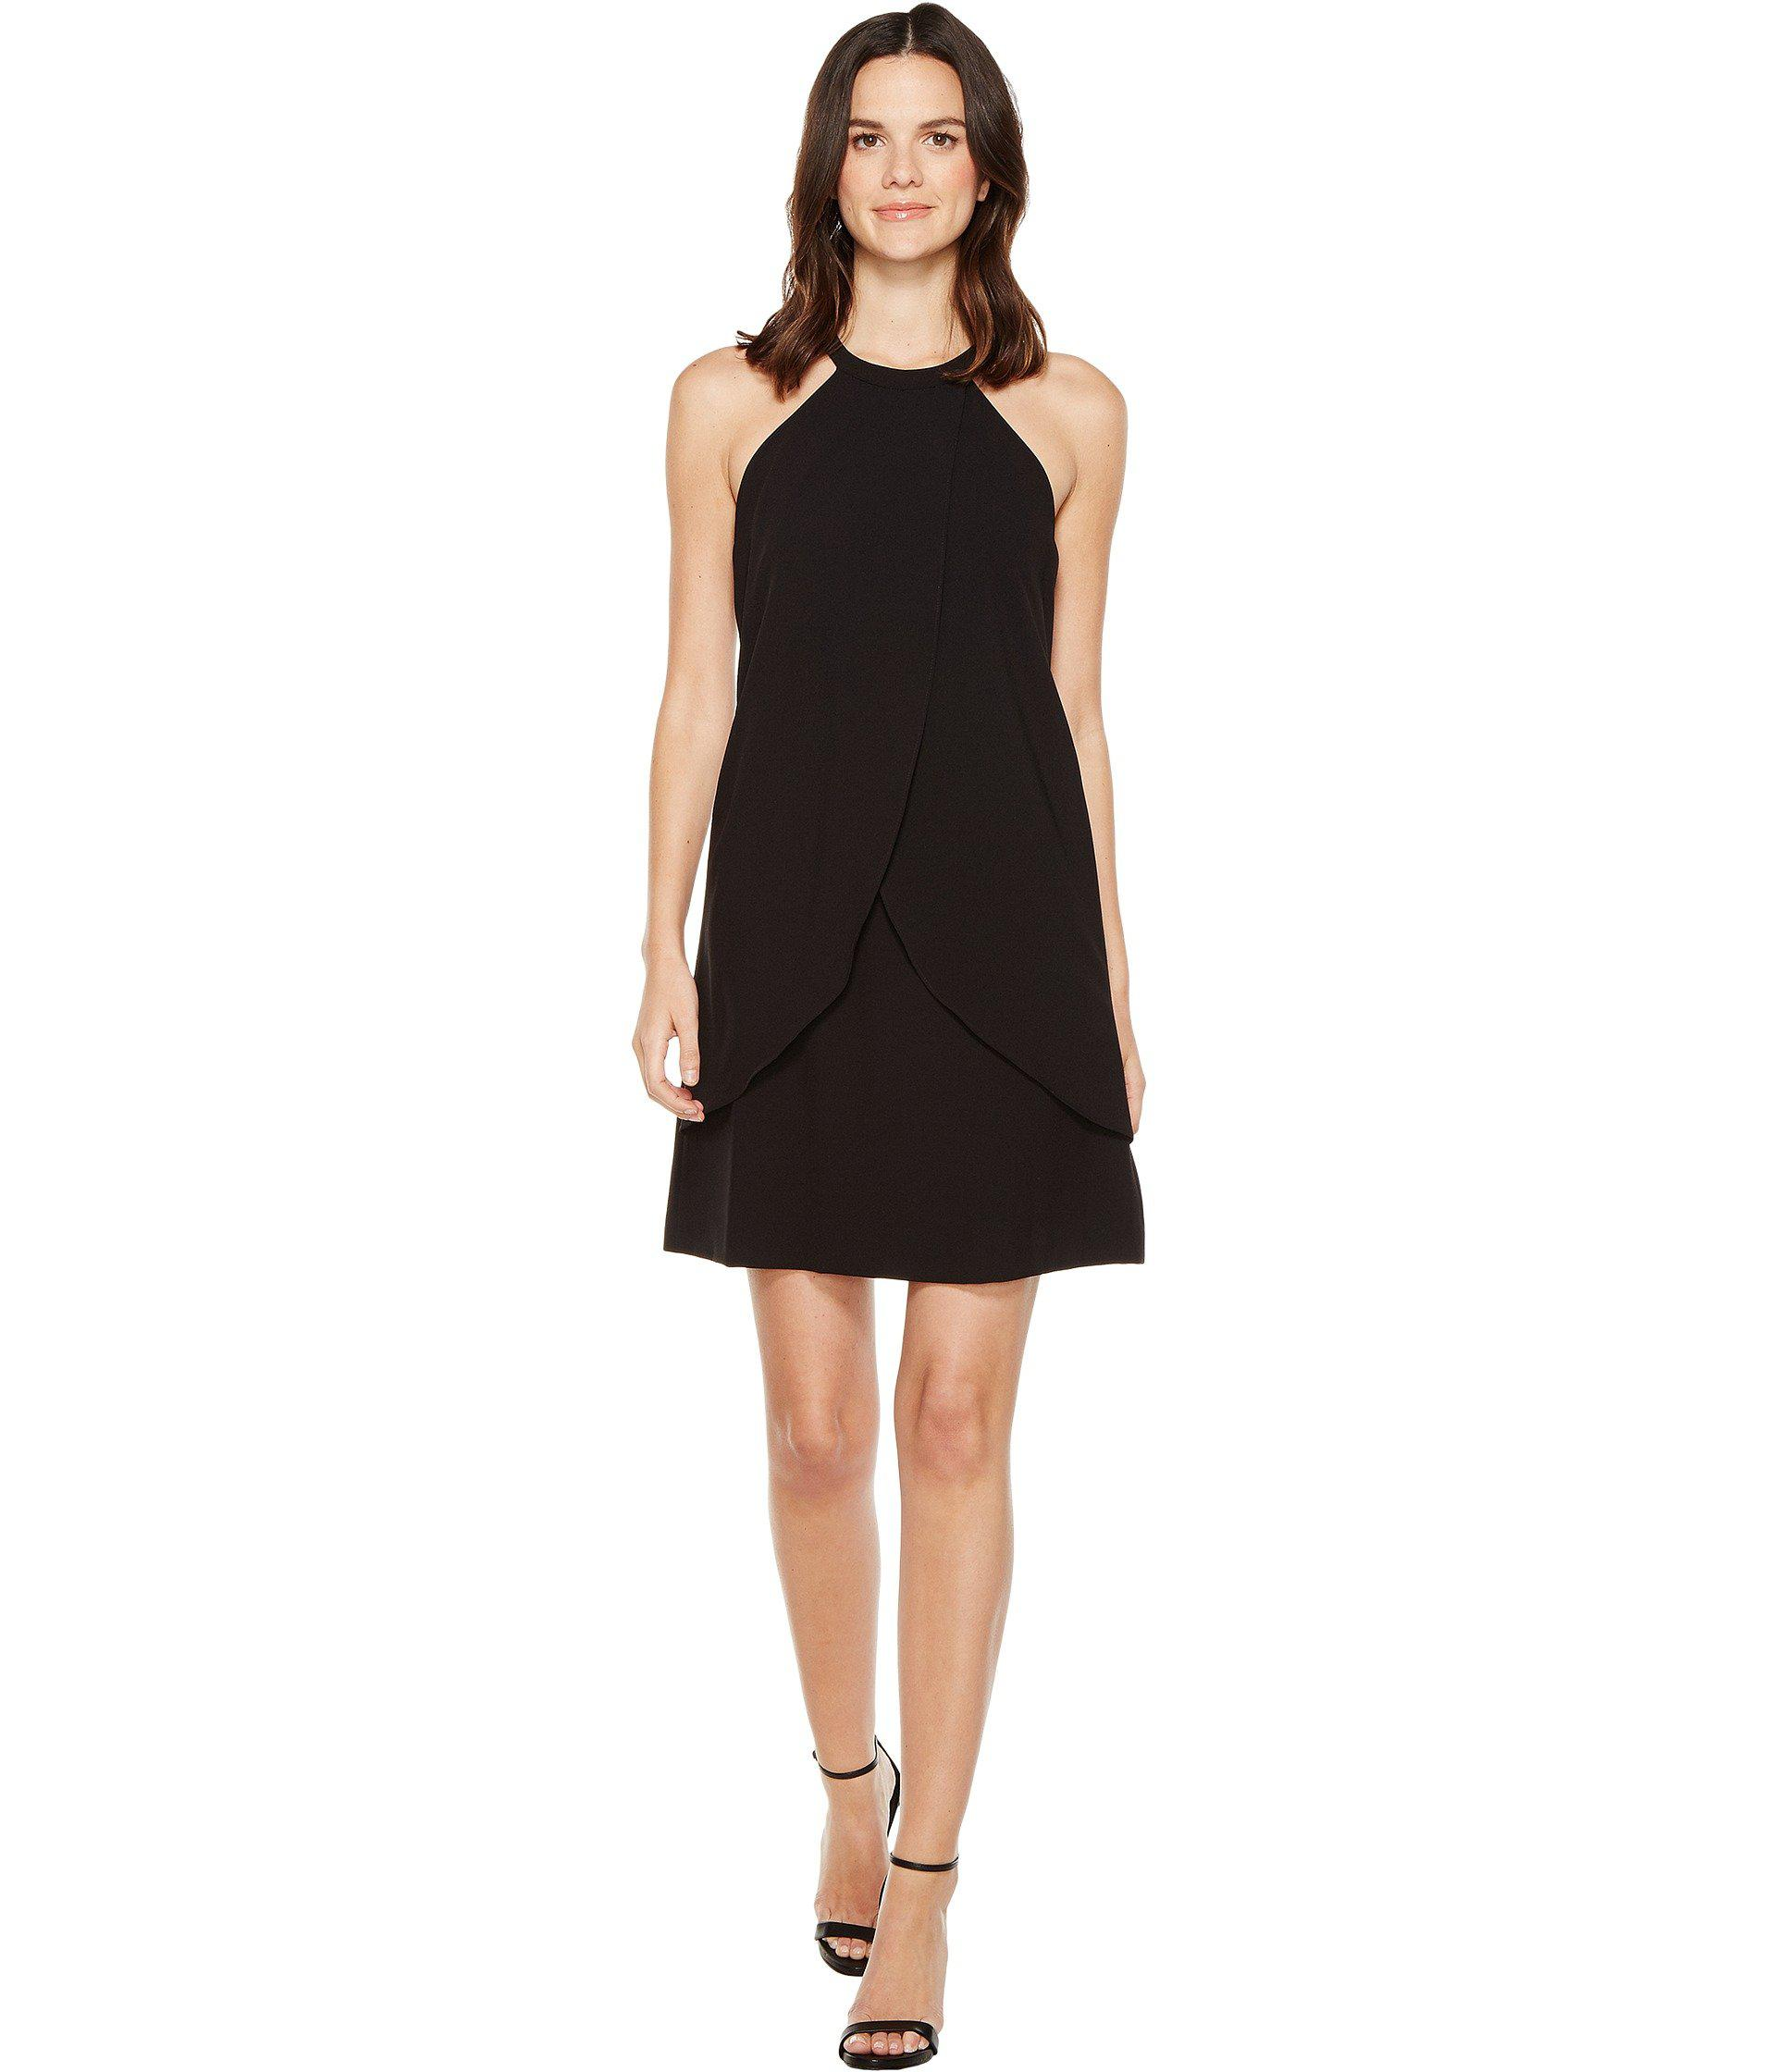 bcd6dd29f1025 Lyst - Tahari Tulip Shift Dress in Black